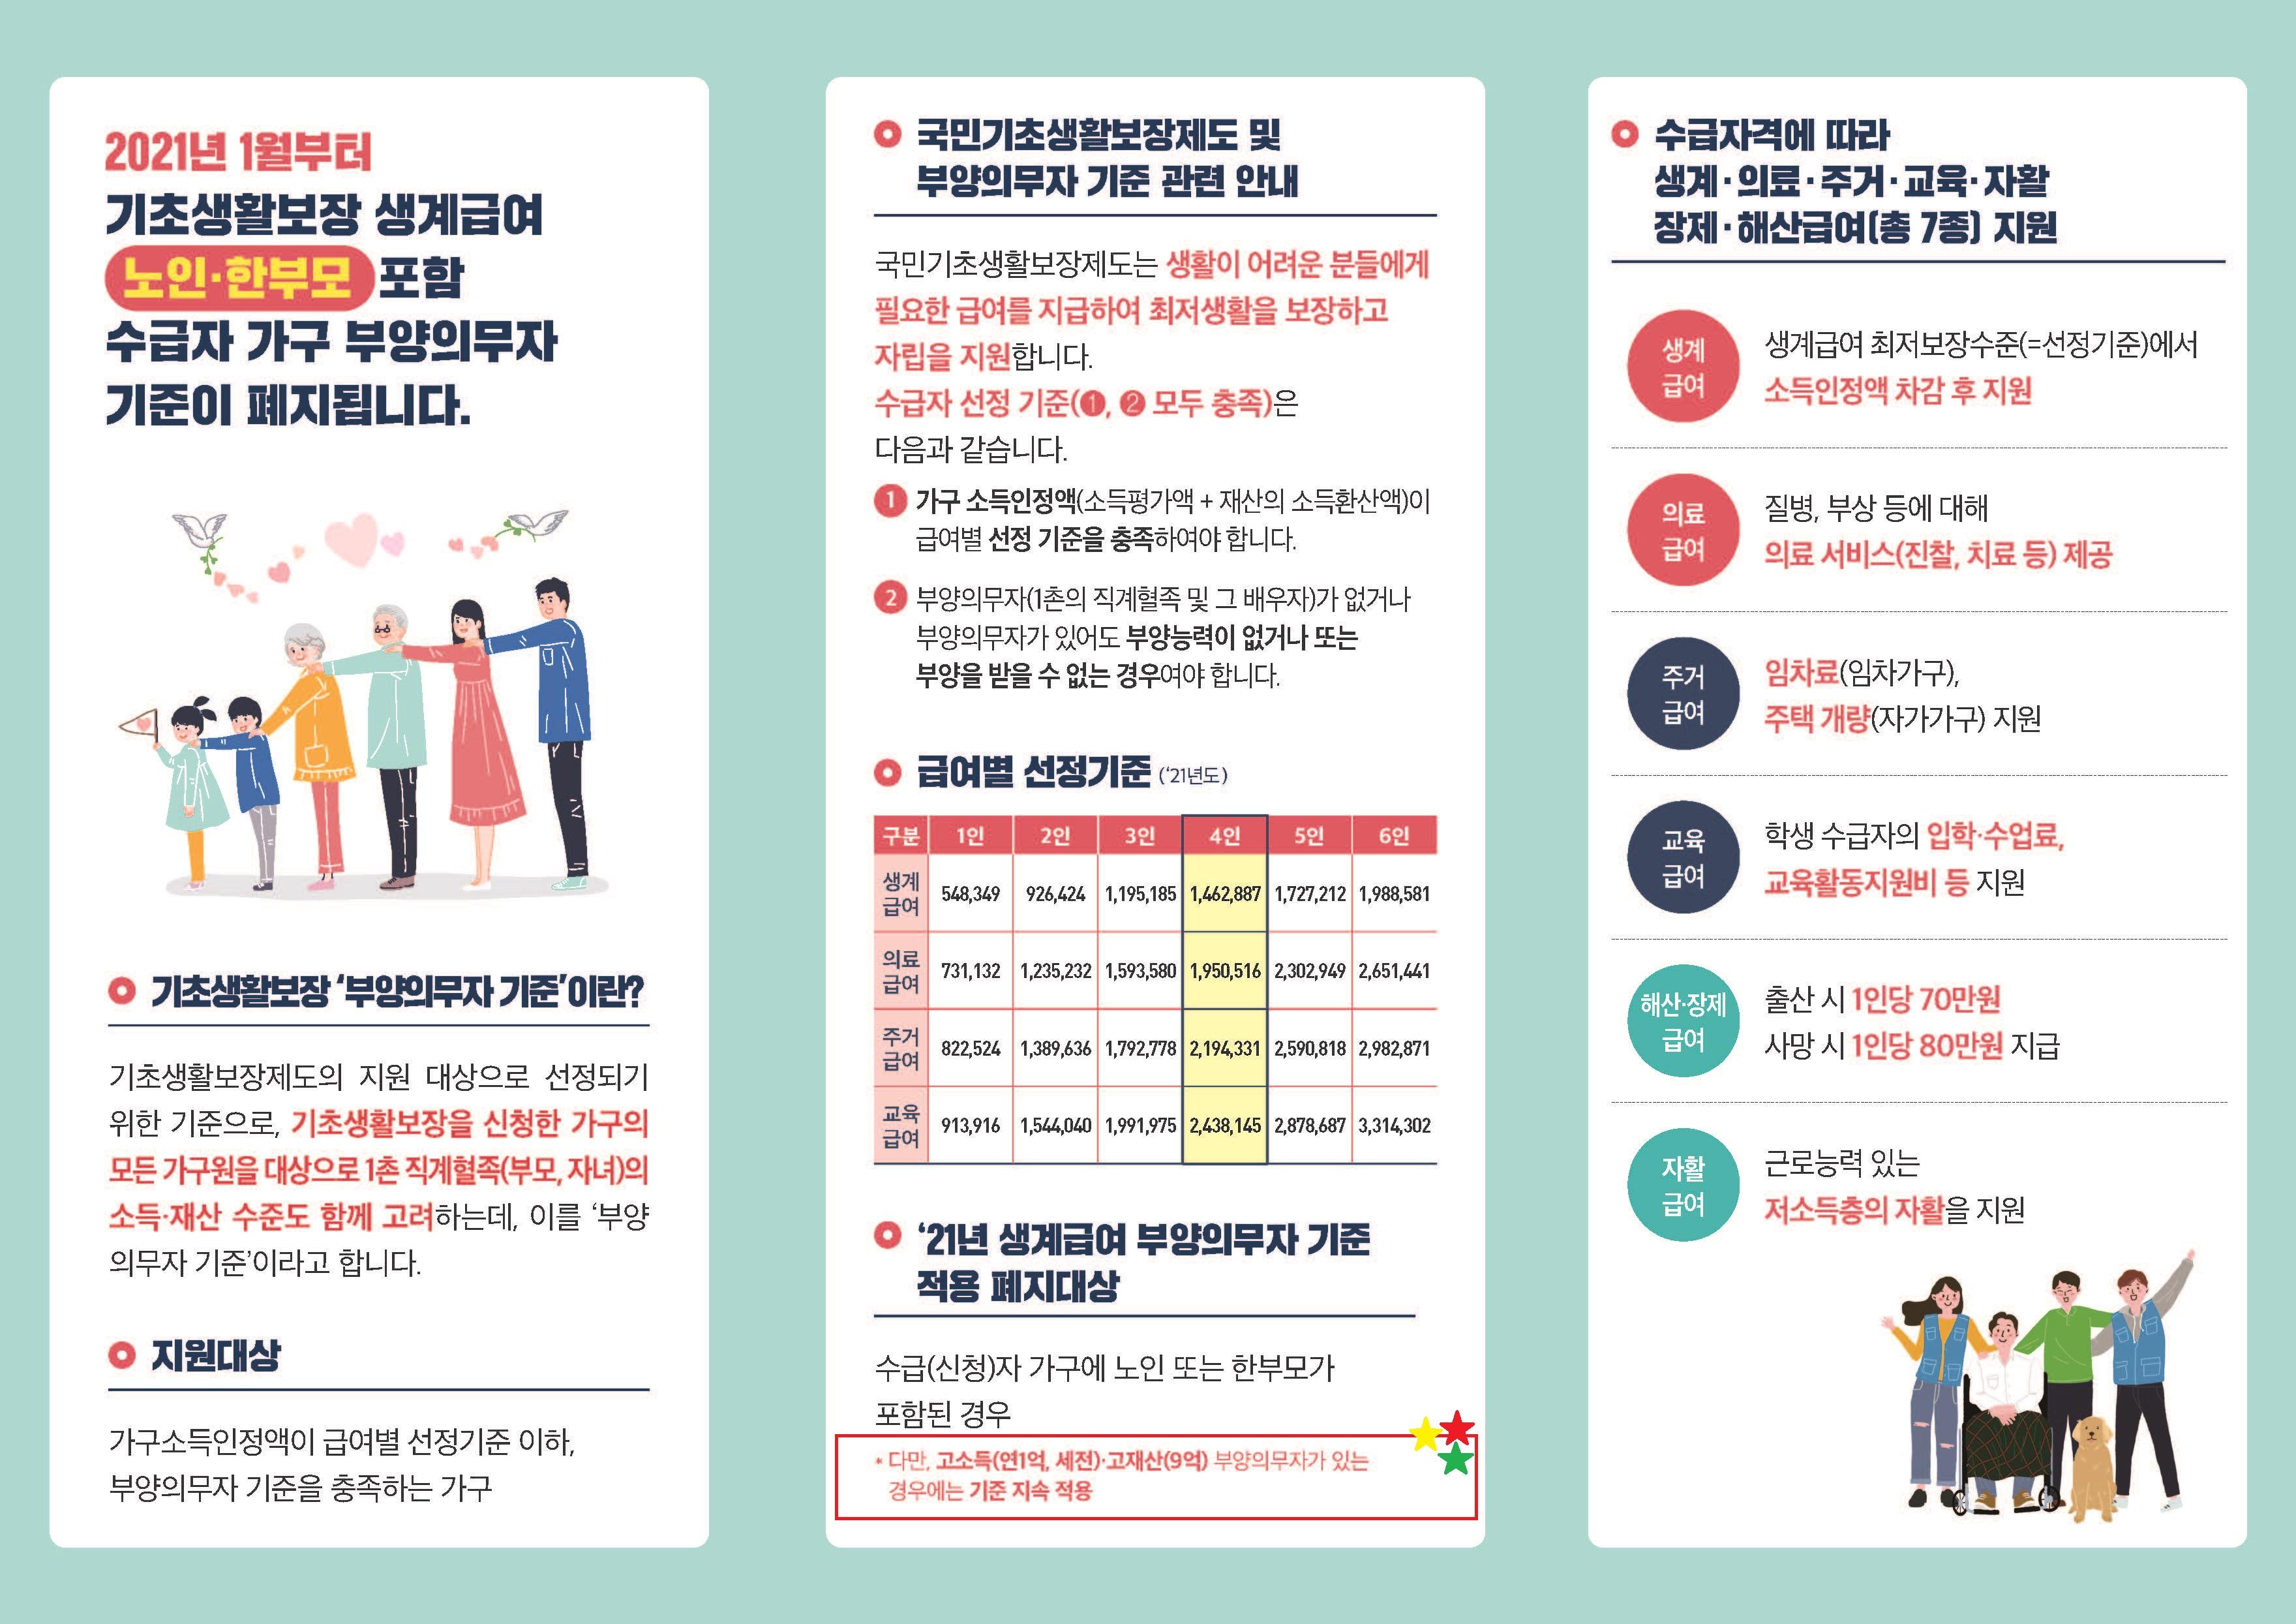 2021년 기초생활보장 생계급여 기준완화(노인.한부모) 리플렛2.jpg